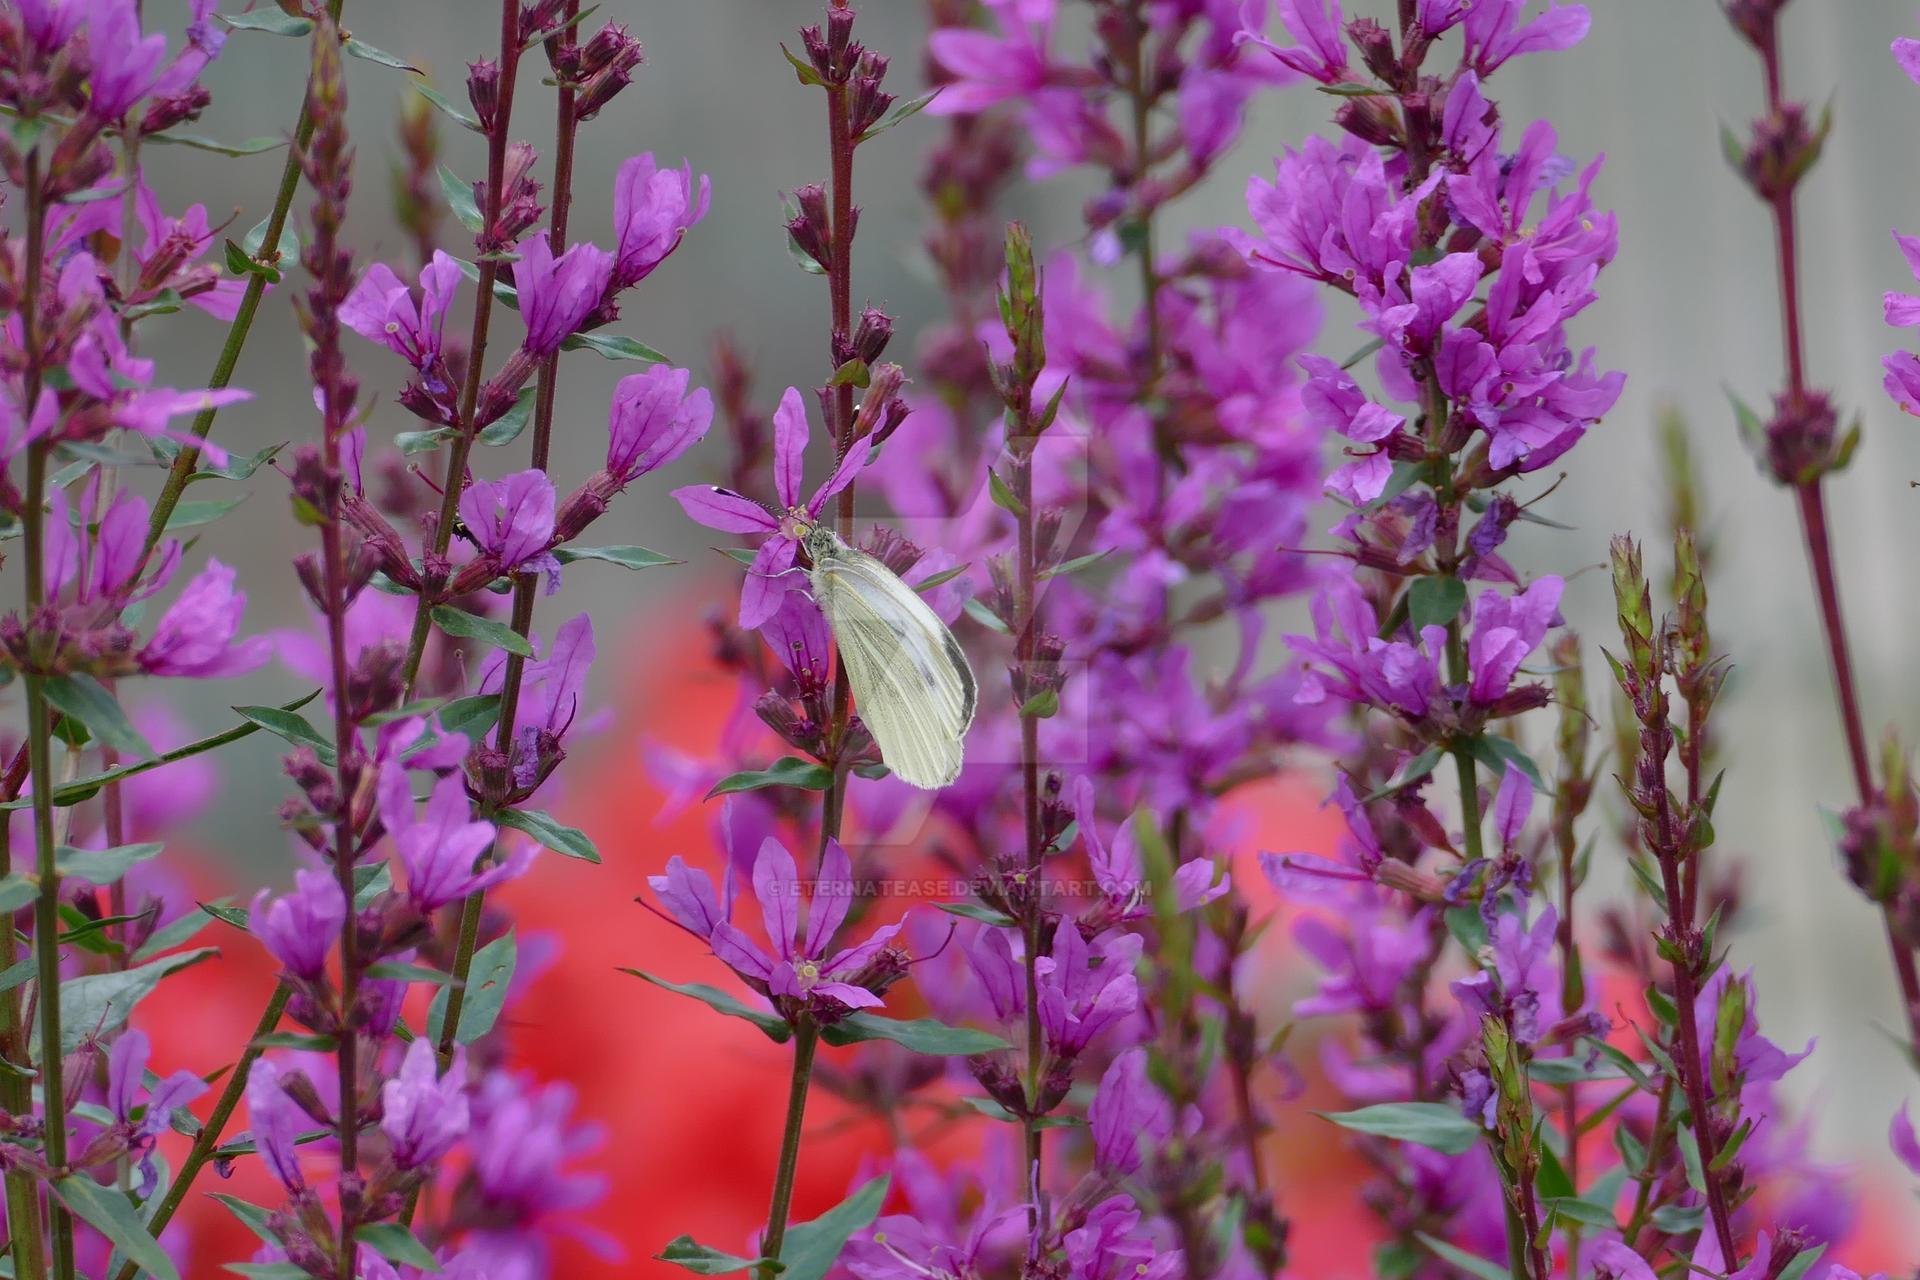 Pieris brassicae on Lythrum salicaria 2020.